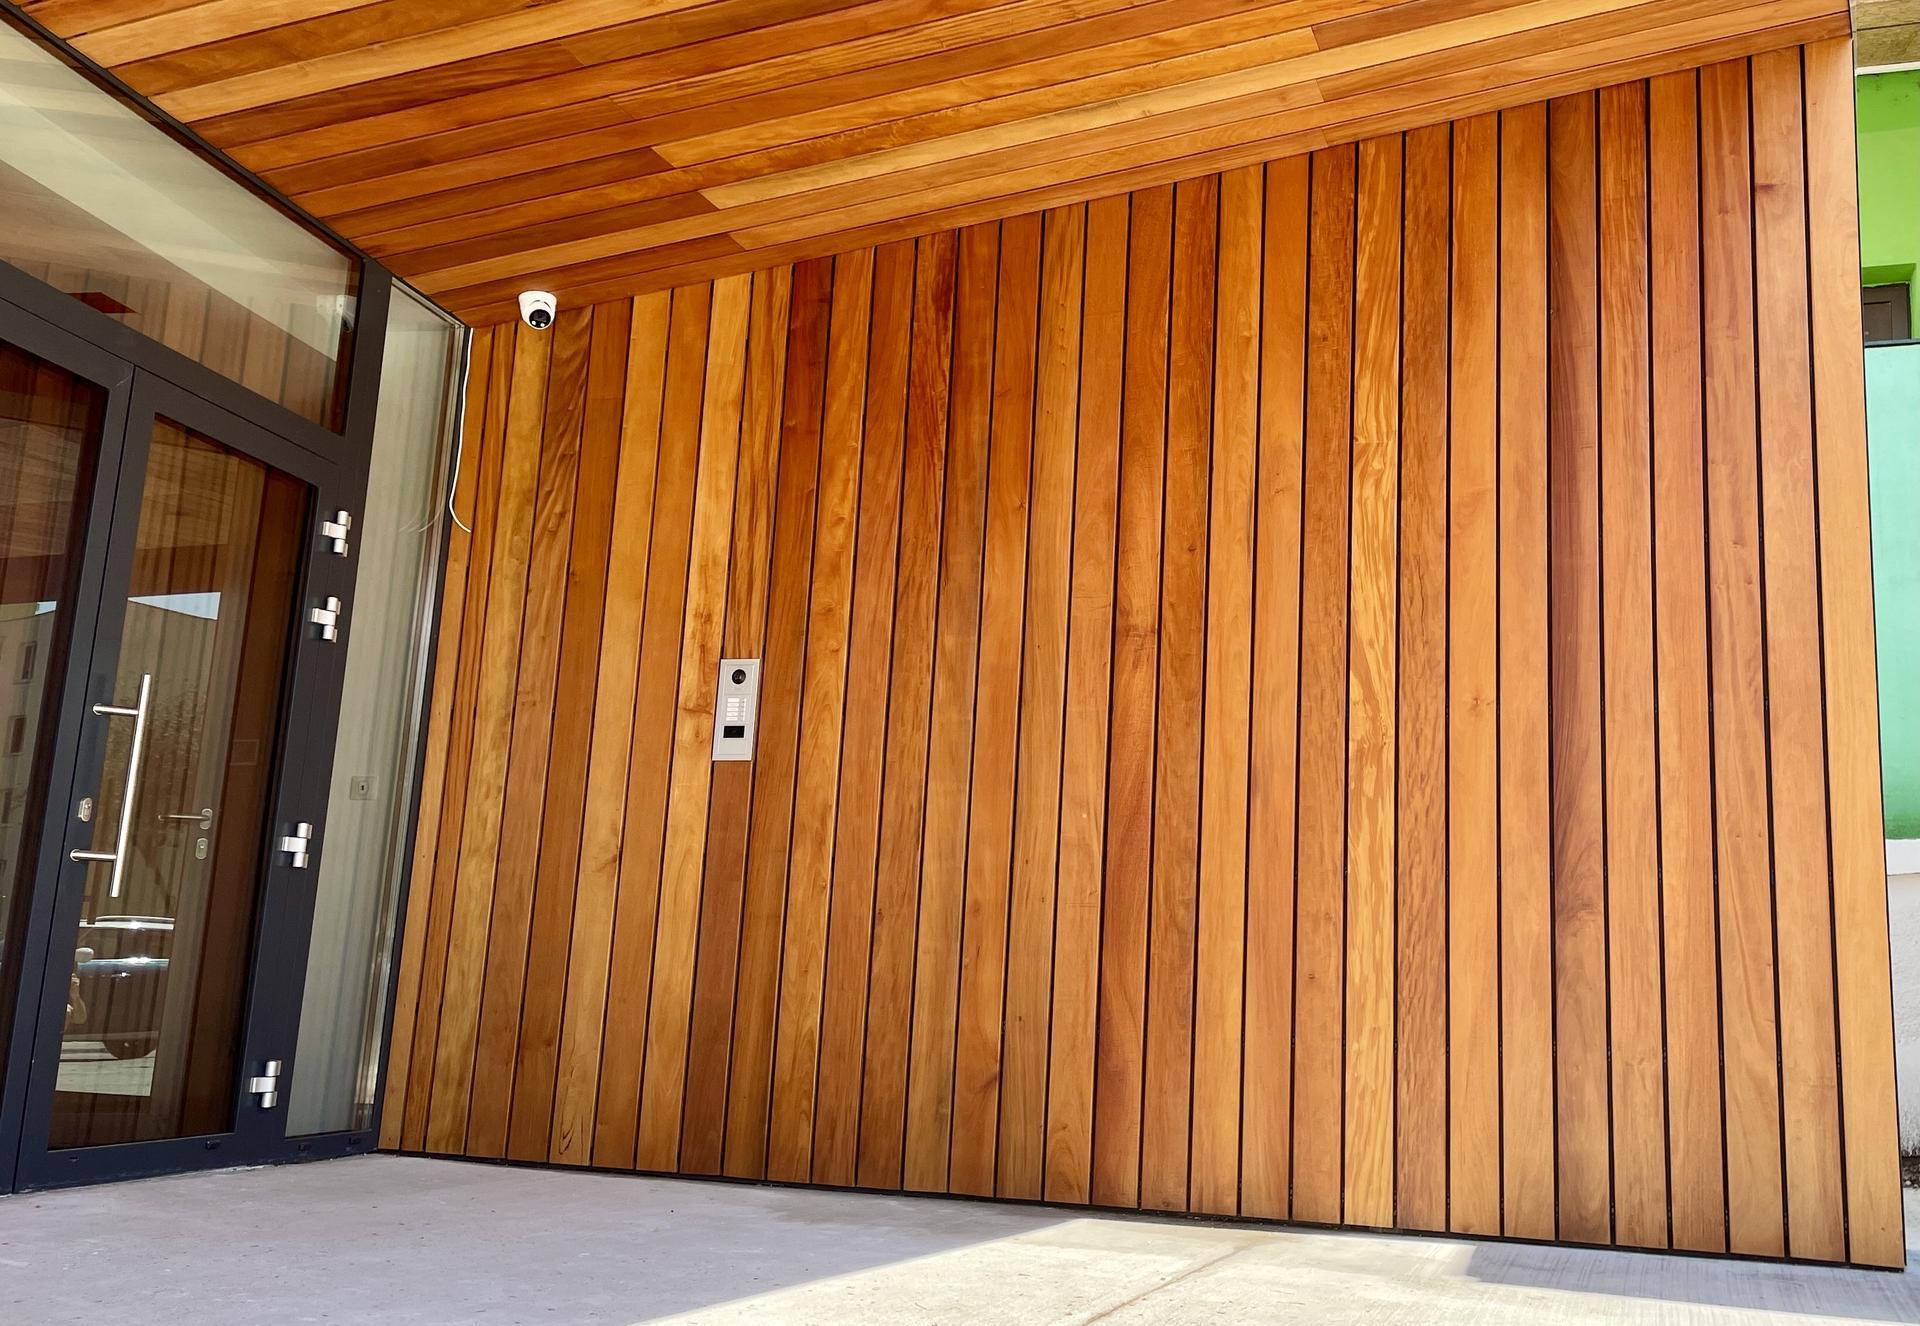 fasádny obklad drevo + bond - FASÁDNY OBKLAD DREVO + BOND  odvetranafasáda otvorené špáry skryté uchytenie dreva  viac na  www.designcentrum.sk alebo www.odvetranafasada.com